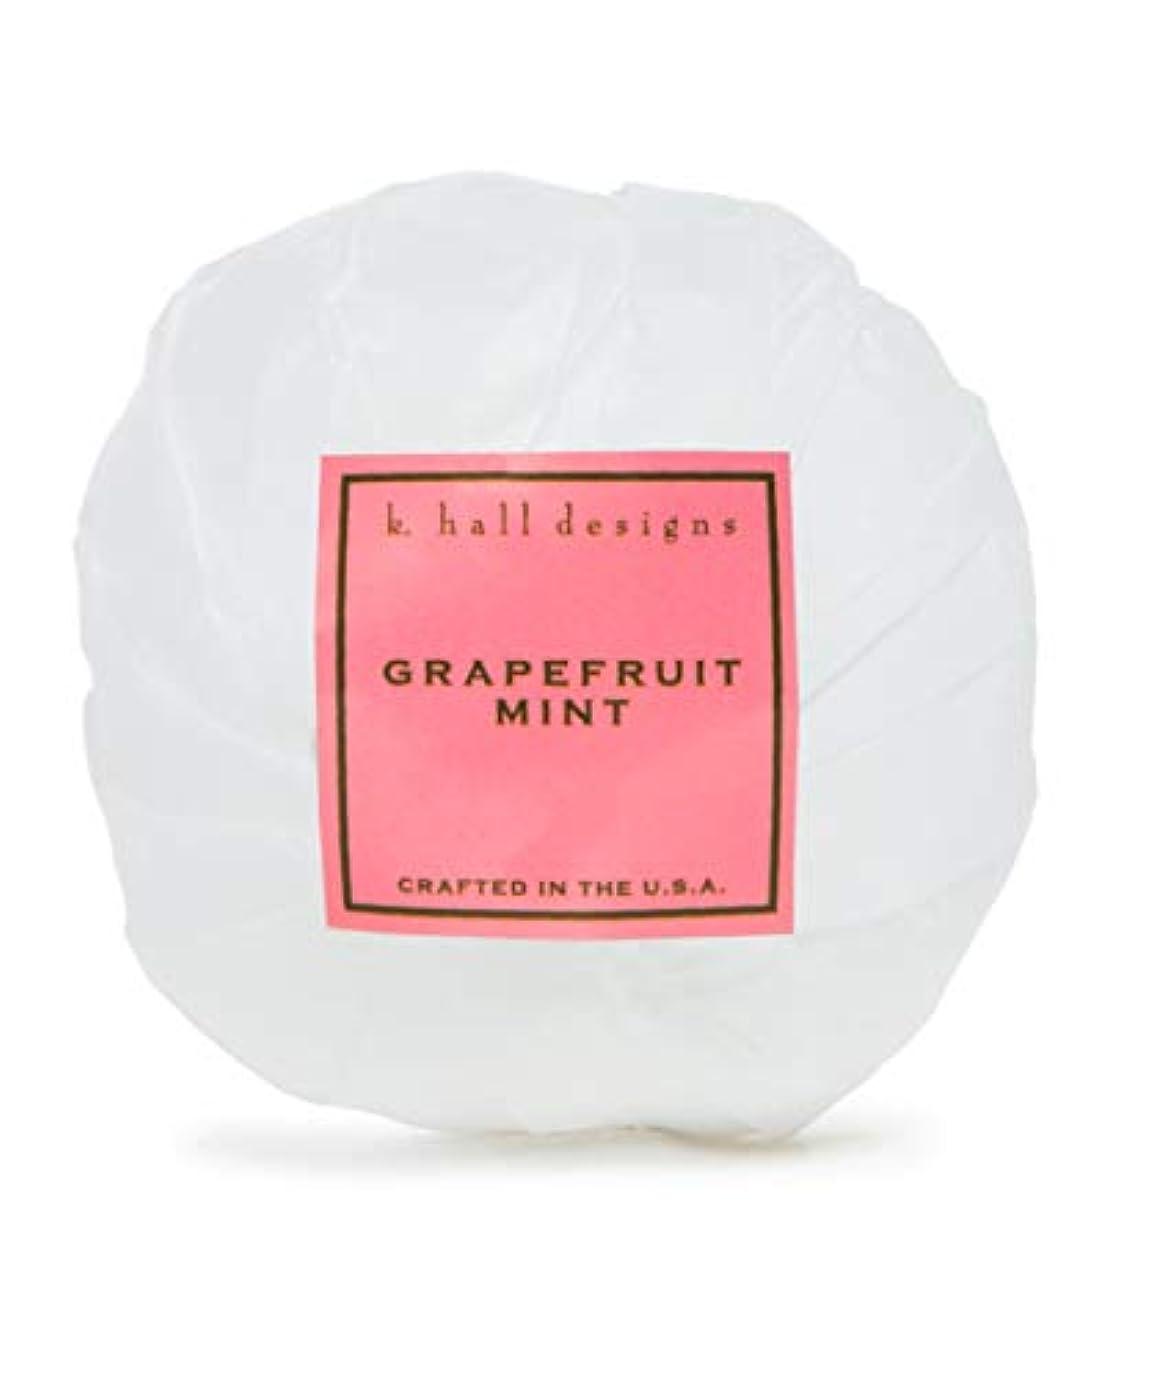 悩むマグ効能あるk.hall designs/バスボム(入浴剤) グレープフルーツミント